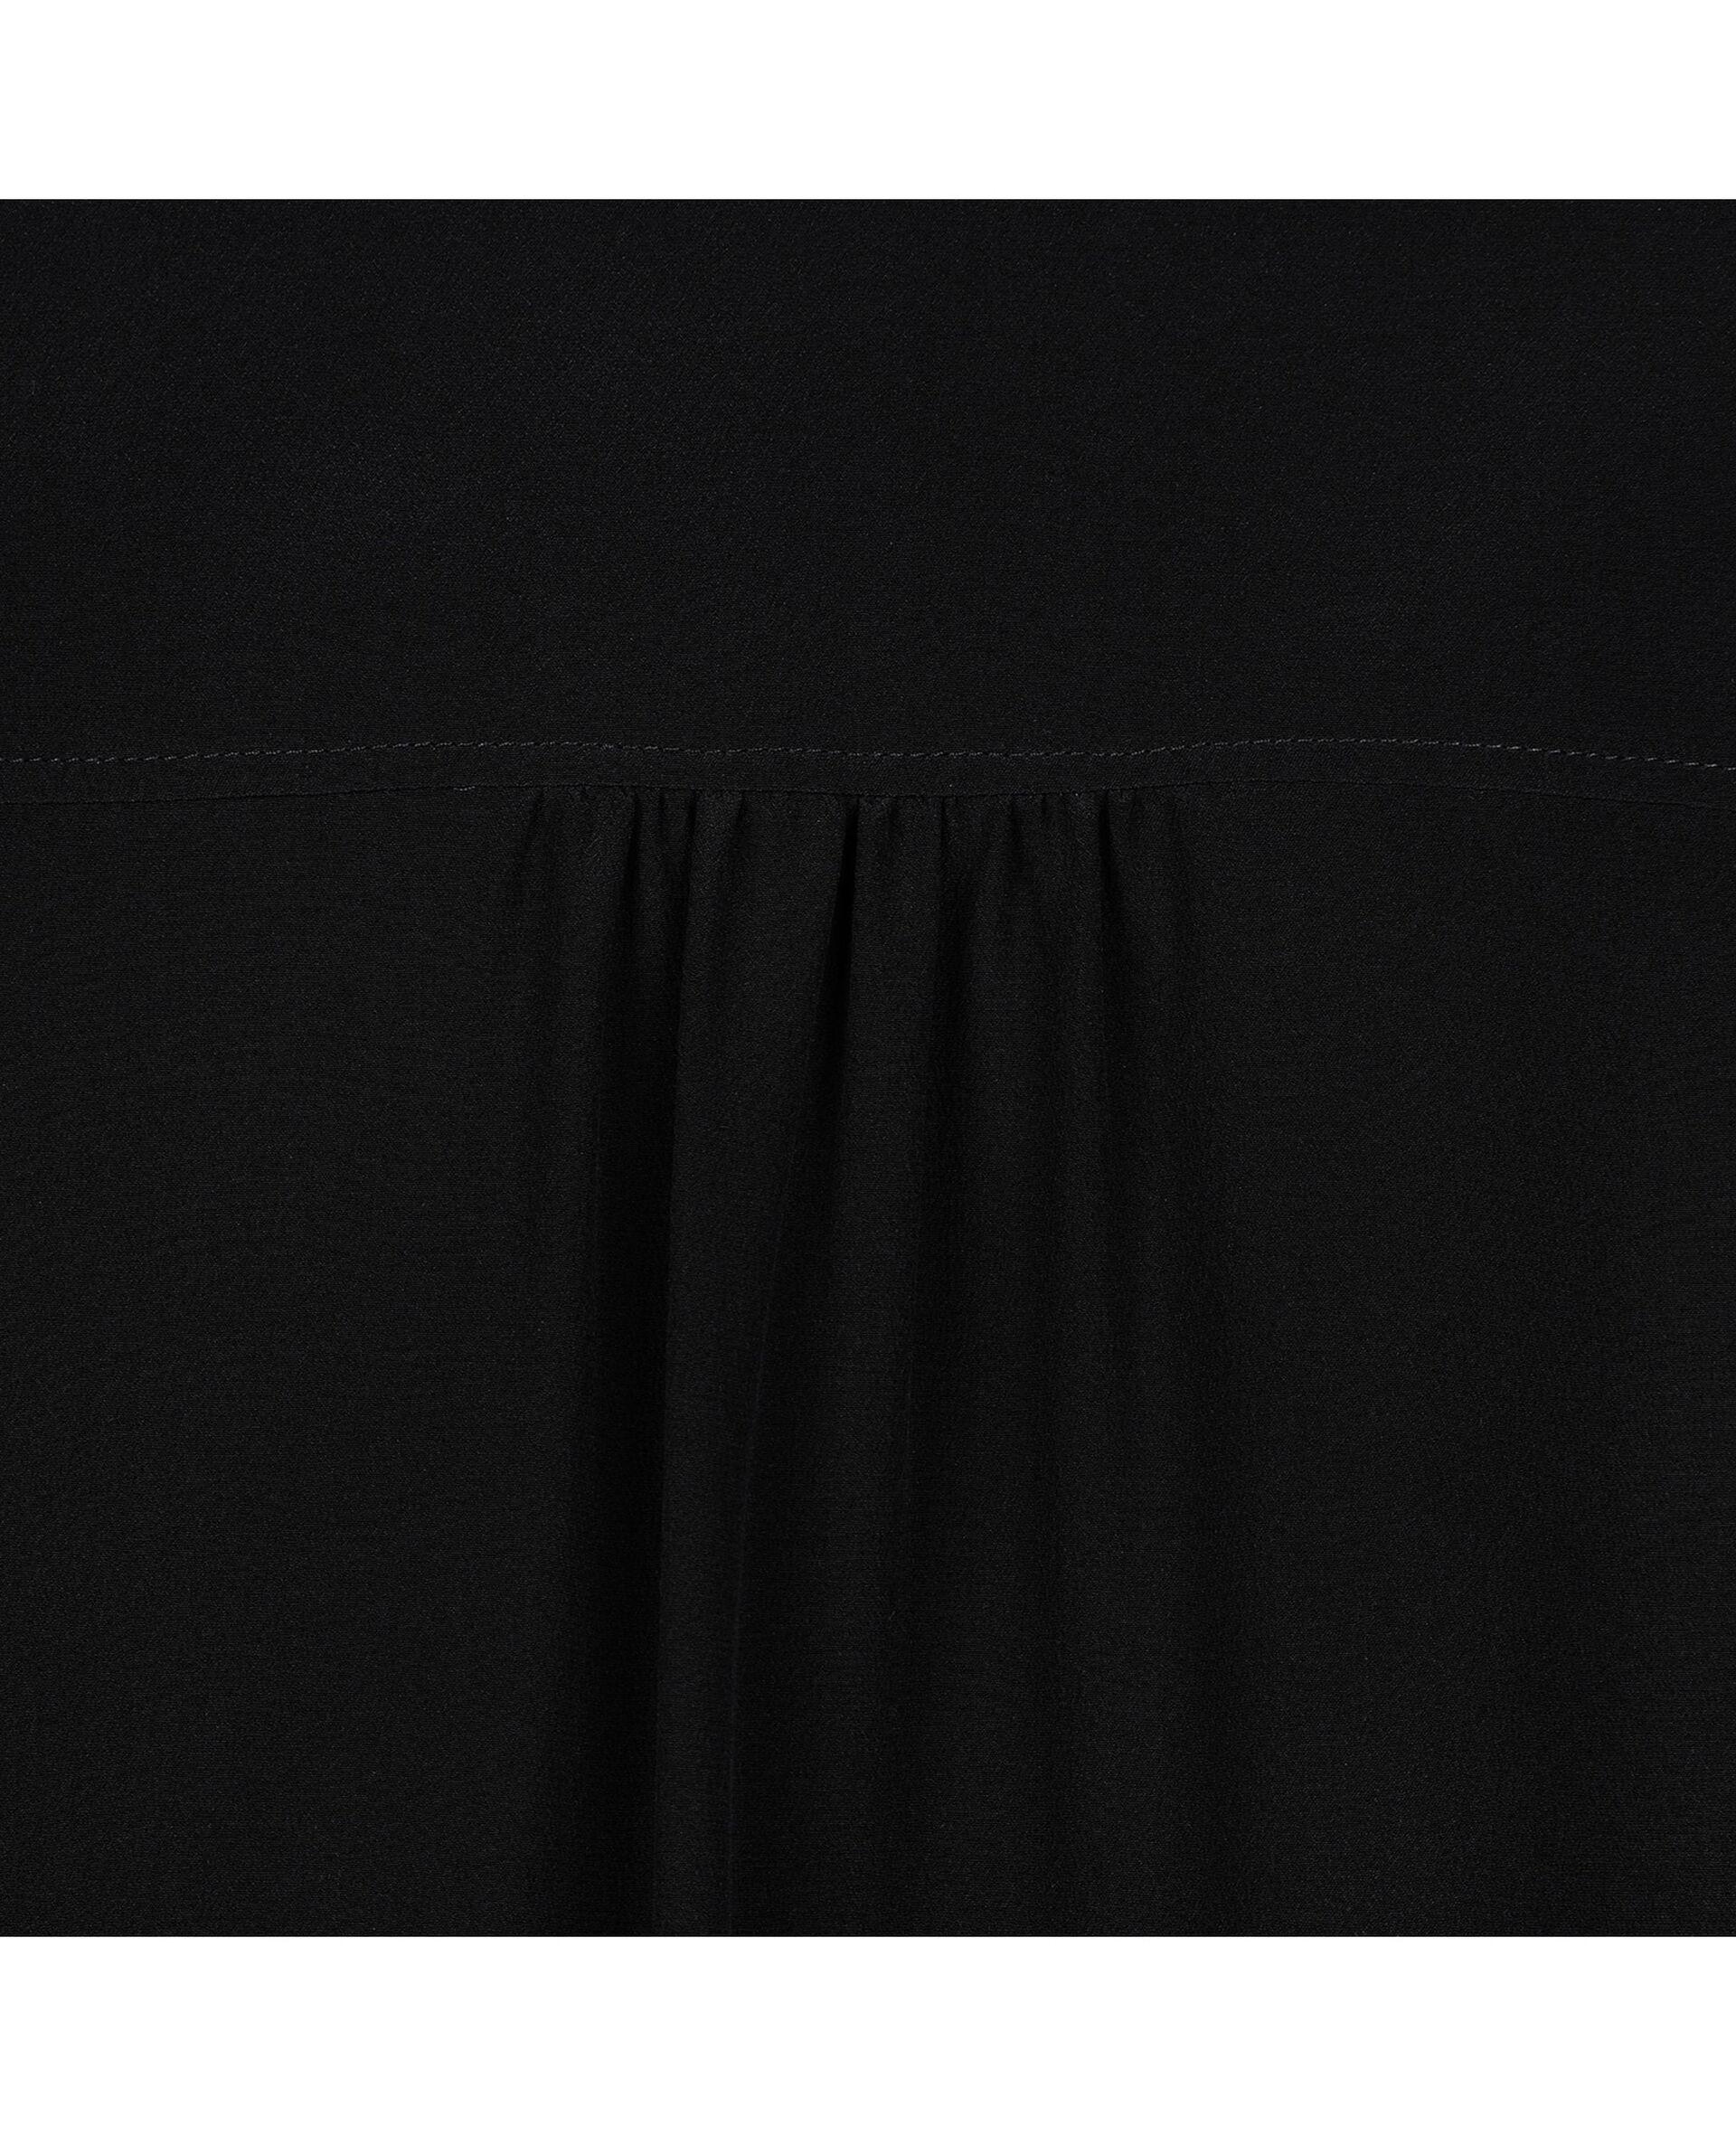 Estelle Shirt-Black-large image number 2